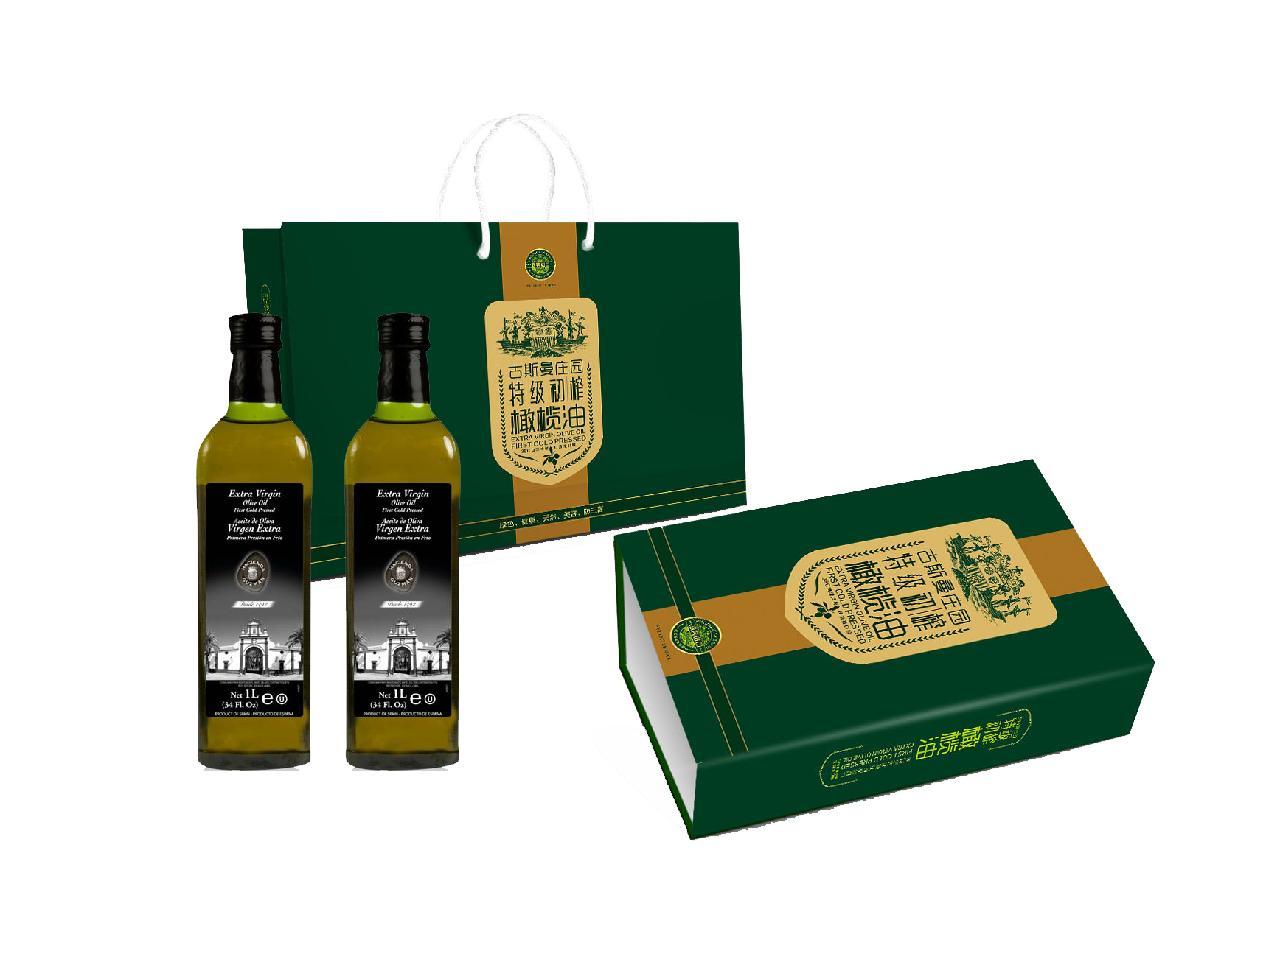 西班牙原装进口橄榄油